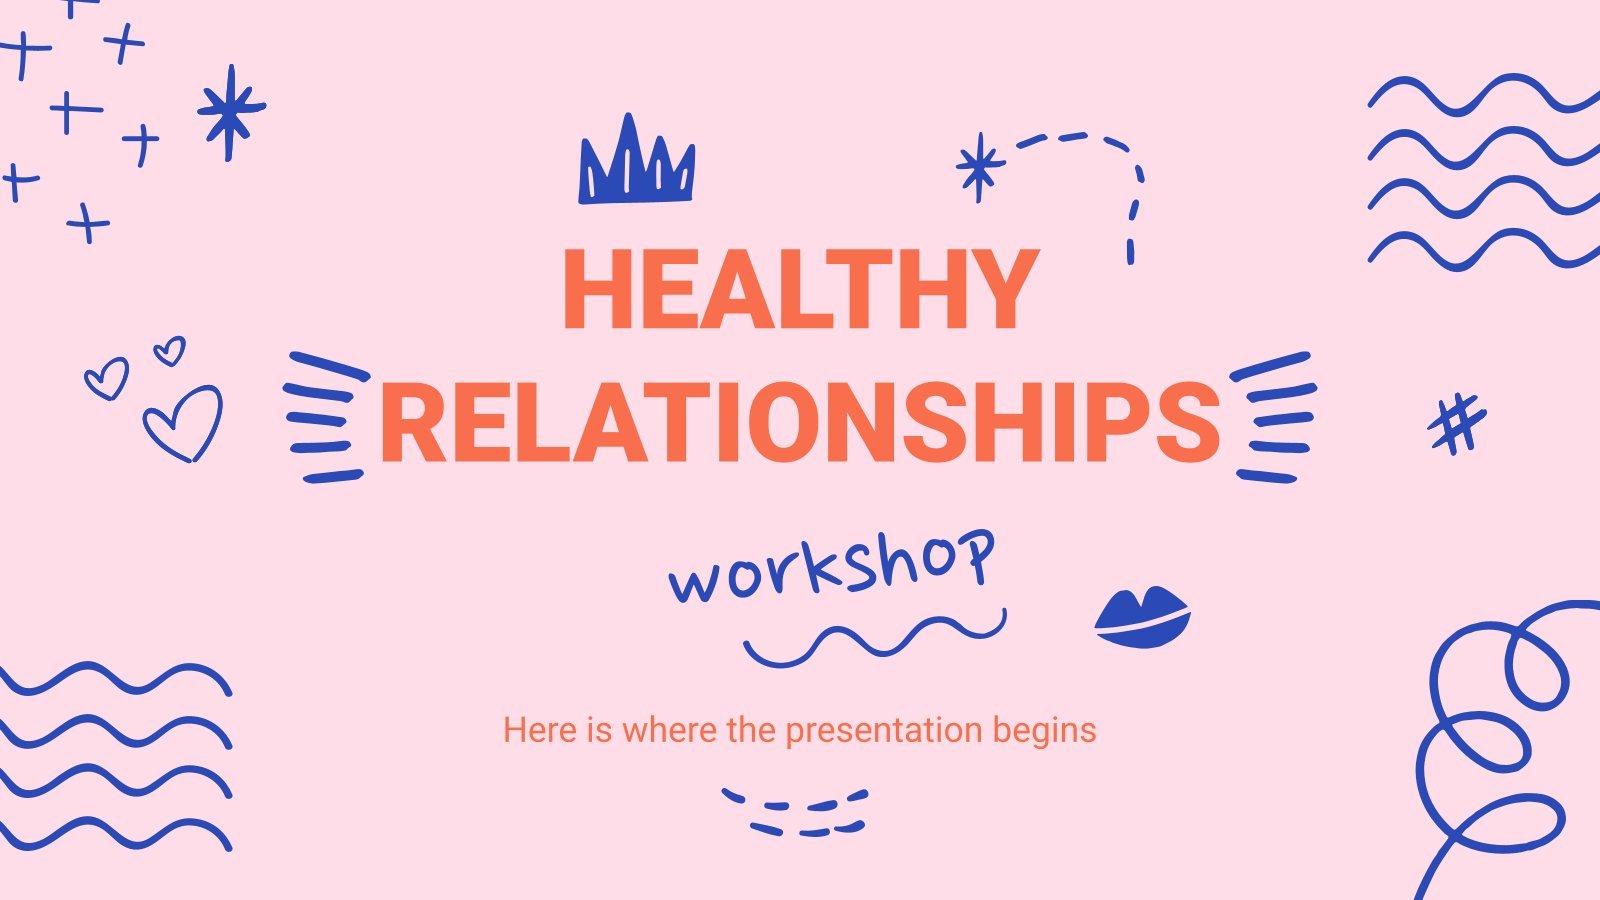 Plantilla de presentación Taller de relaciones sanas